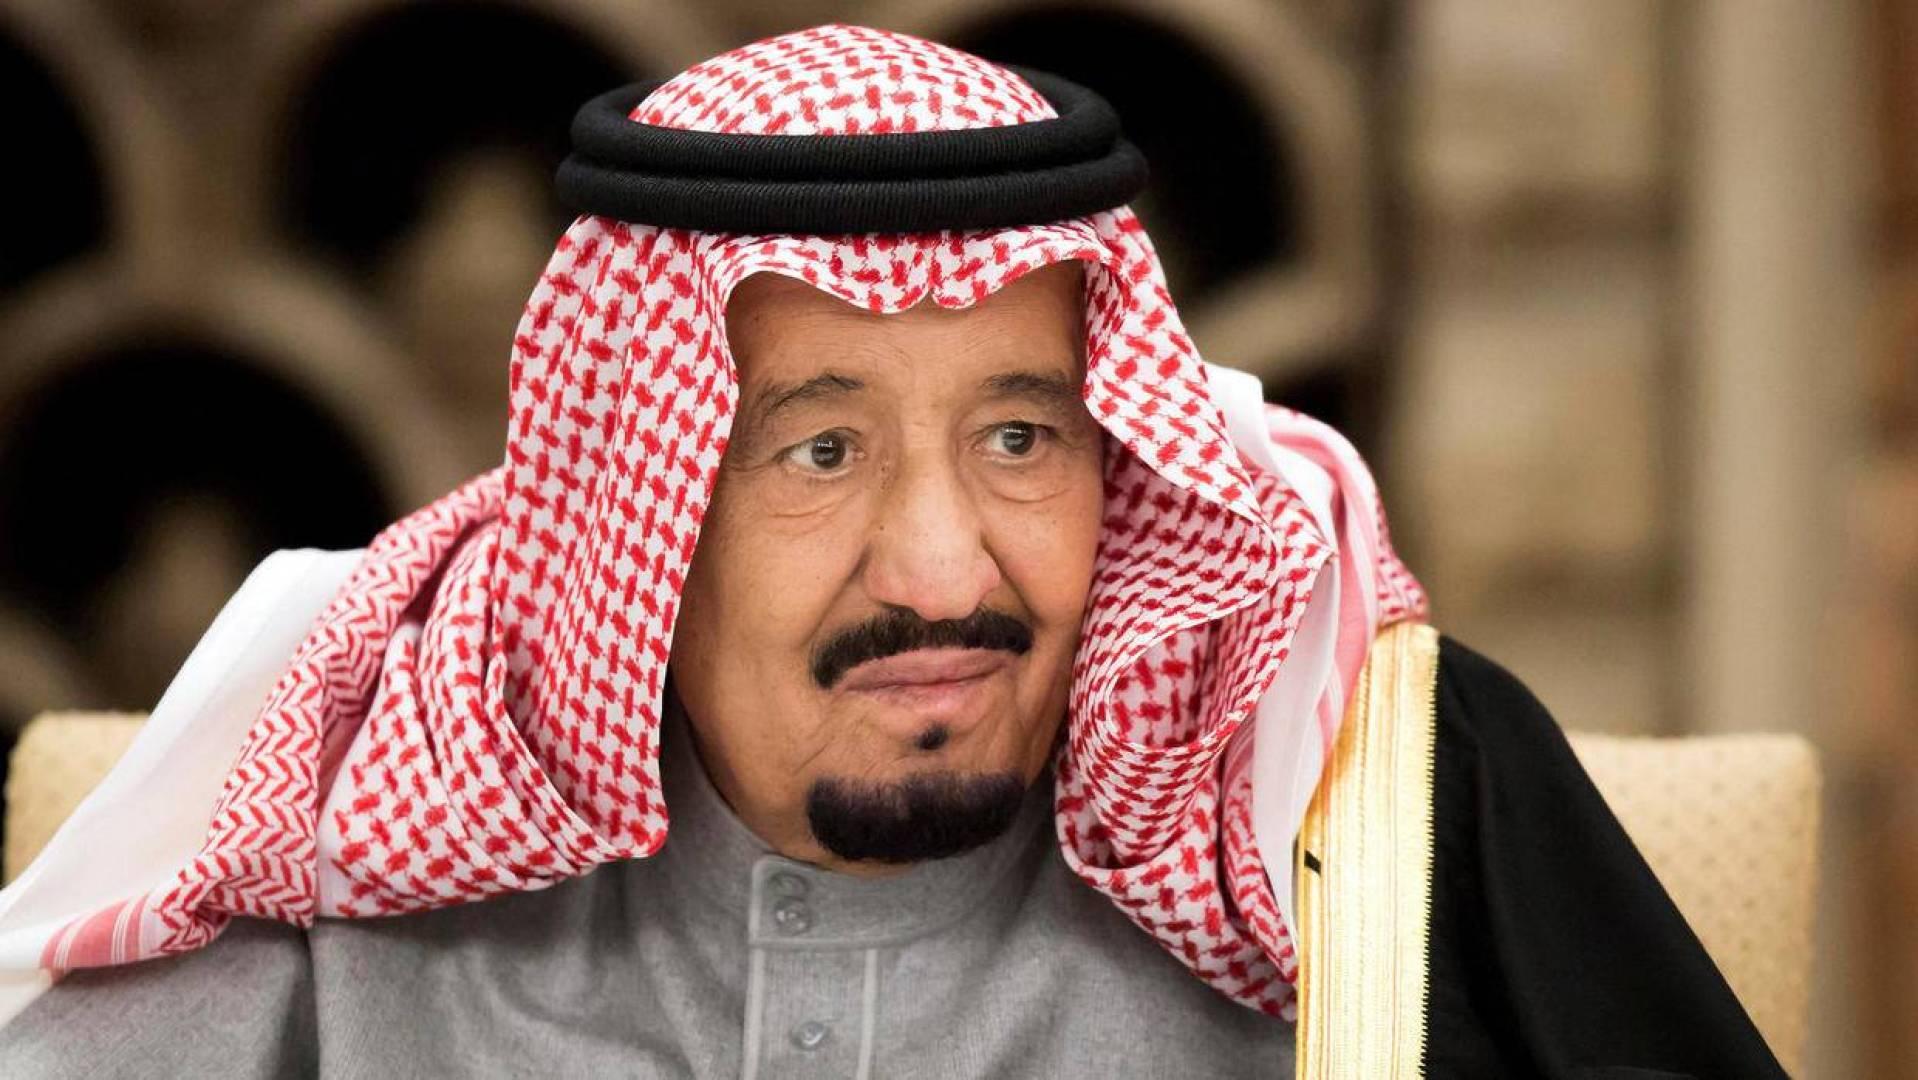 كاتب سعودي يُحرج الملك سلمان في صحيفة محلية.. وإسرائيل تحتفي